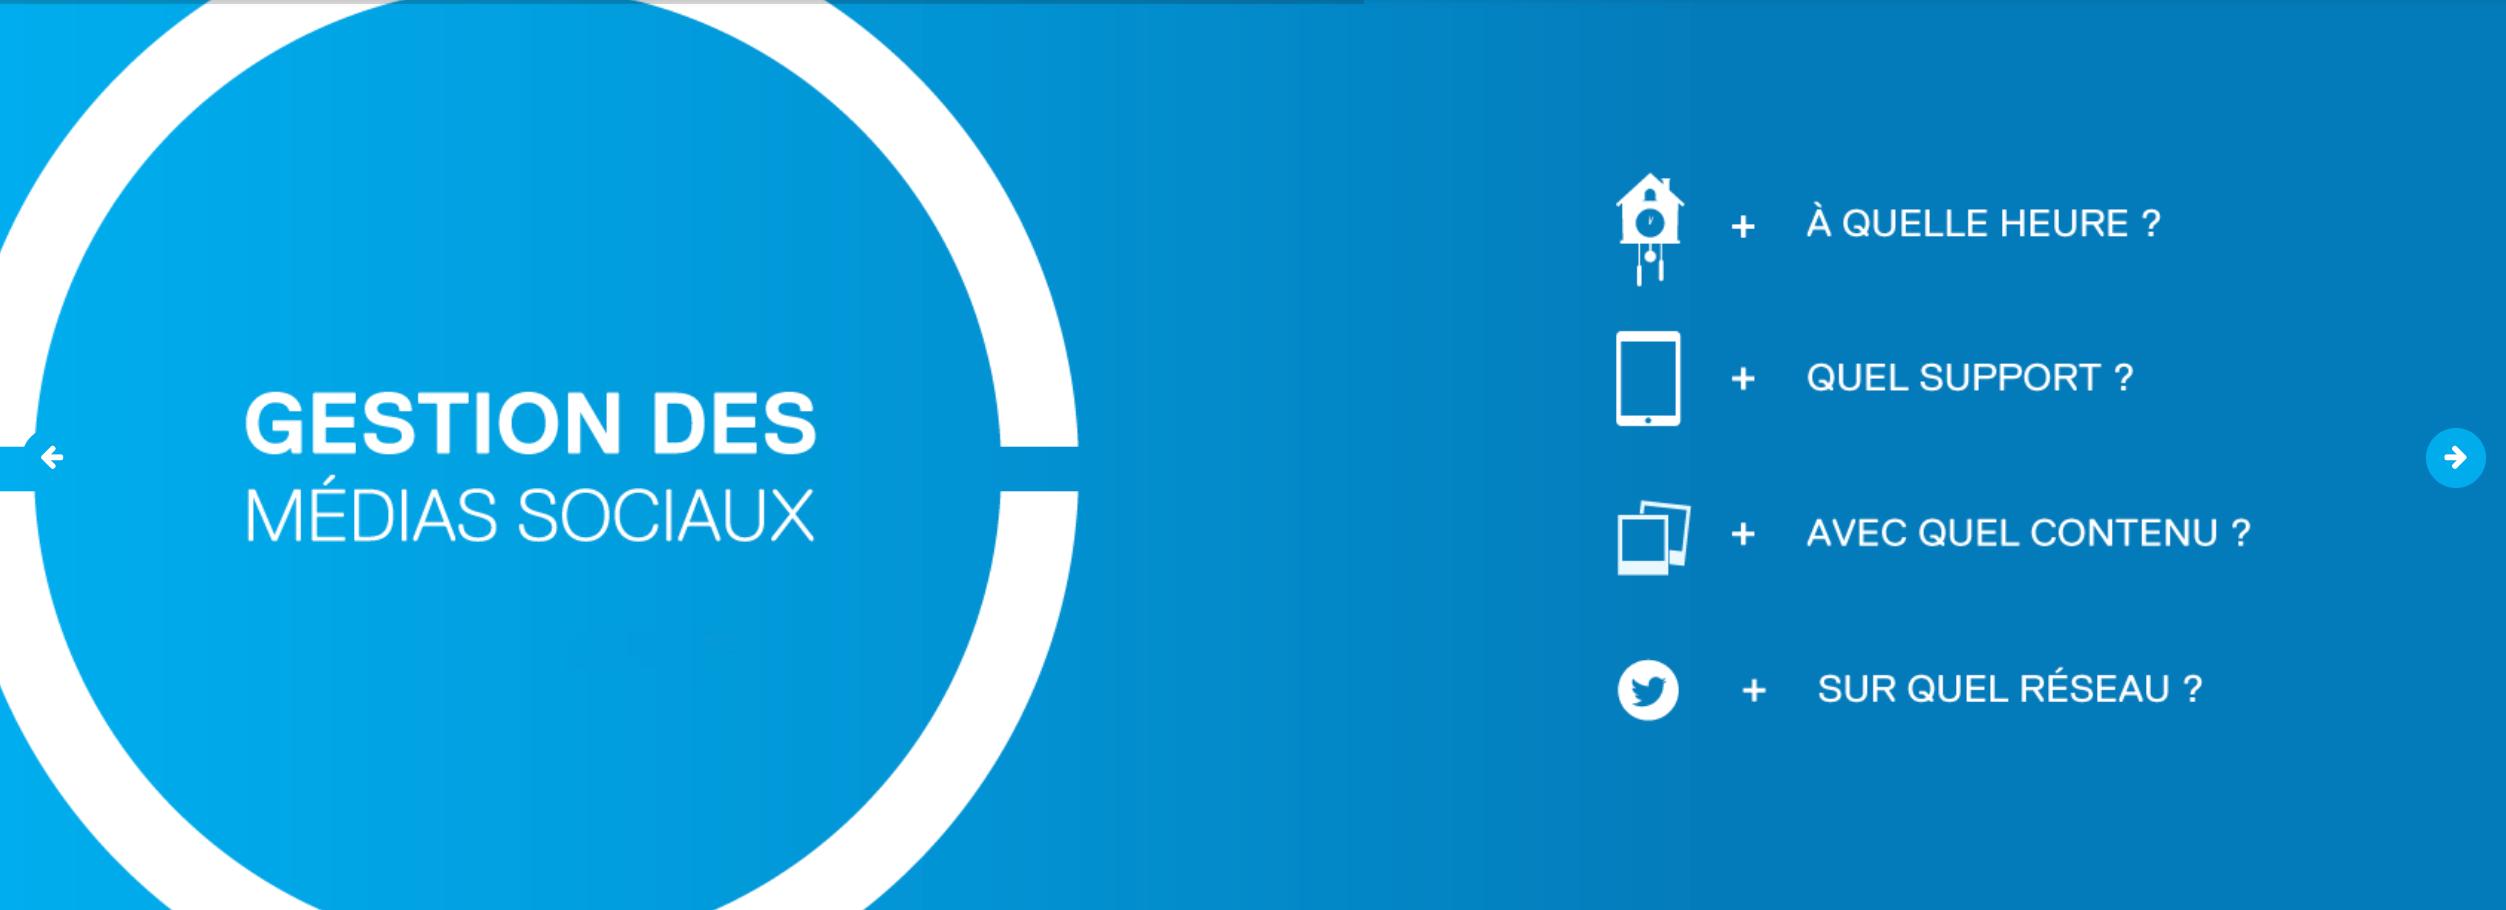 gestion-médias-sociaux-Sim5-image-quelle-heure-quel-support-avec-quel-contenu-sur-quel-reseau